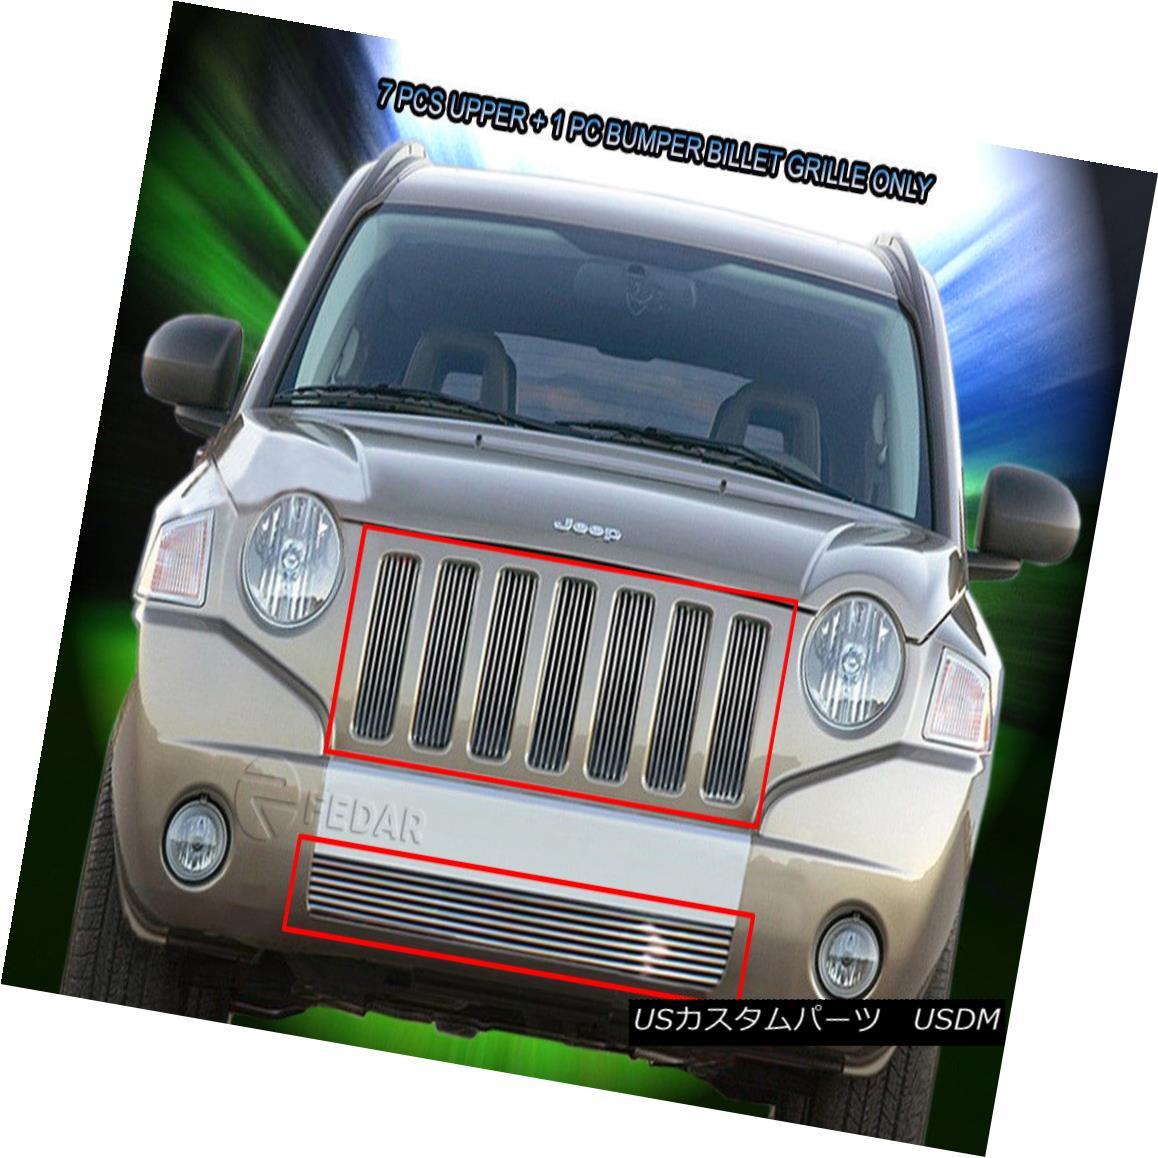 グリル Fedar Fits 06-10 Jeep Compass Combo Polished Billet Grille Overlay Fedarフィット06-10ジープコンパスコンボポリッシュビレットグリルオーバーレイ